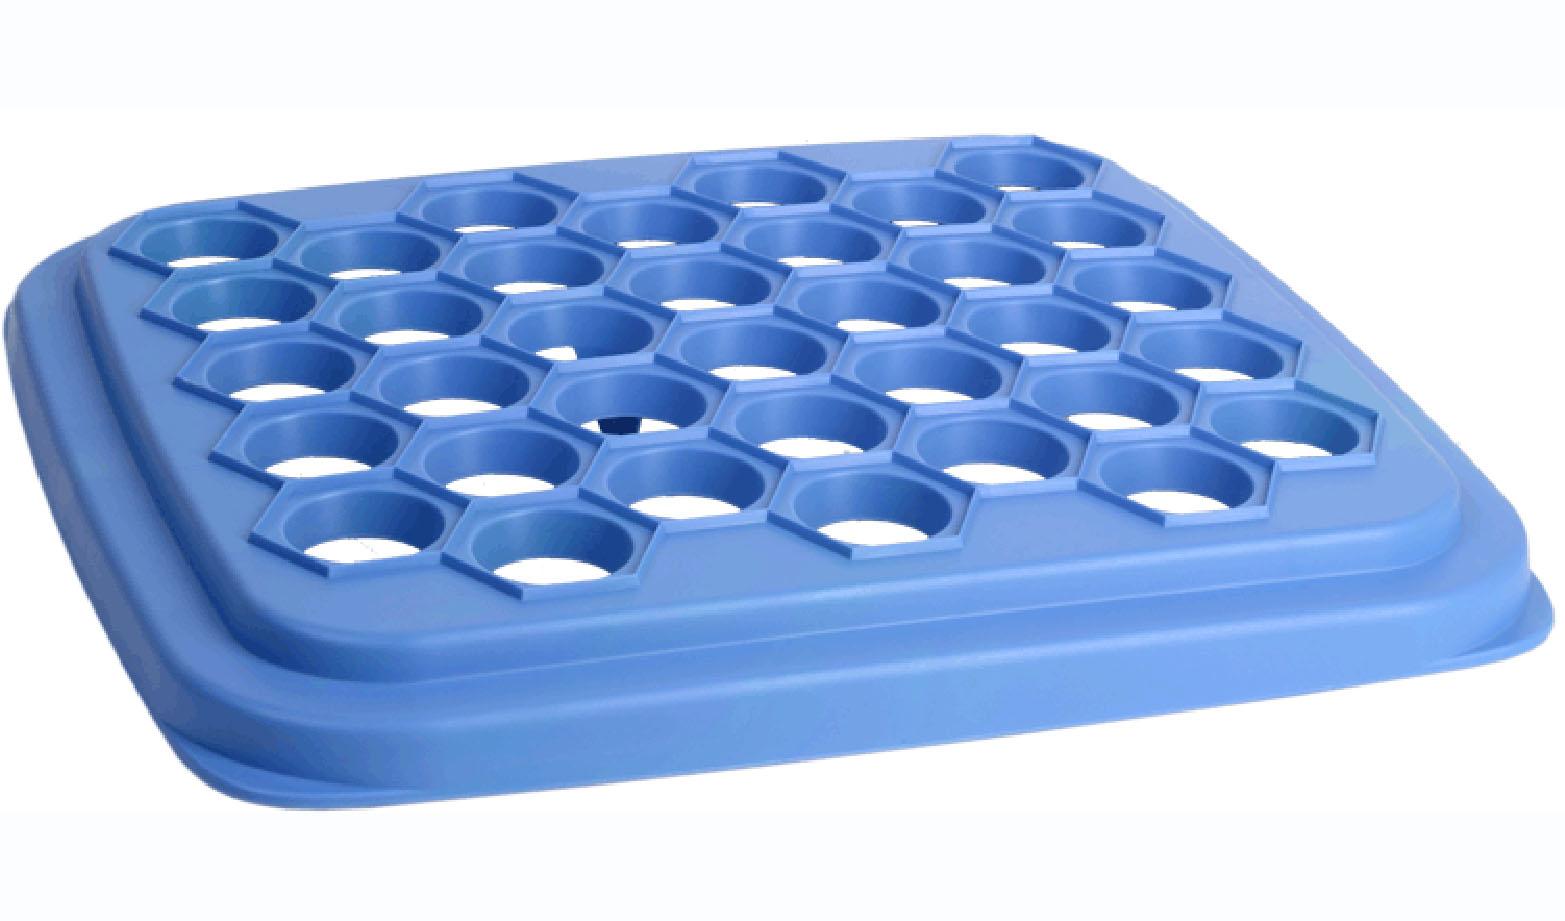 Пельменница Idea, цвет: сиреневый, 25,5 см х 28,5 см28.75.37Пельменница Idea, выполненная из полистирола, предназначена для быстрого и легкого приготовления пельменей. Использовать пельменницу очень просто: - раскатайте тесто, - положите на форму первый слой раскатанного теста, - разложите кусочки мяса, слегка утопив их в ячейках, - накройте вторым слоем теста и пройдитесь скалкой, - пельмени слеплены и отделены от формы. Пельменница Idea - это функциональное и необходимое в каждом доме приспособление. С ним готовка и лепка займет намного меньше времени, а пельмени получатся идеально ровной формы.Размер пельменницы: 25,5 см х 28,5 см х 3 см.Диаметр ячейки для пельменей: 3 см.